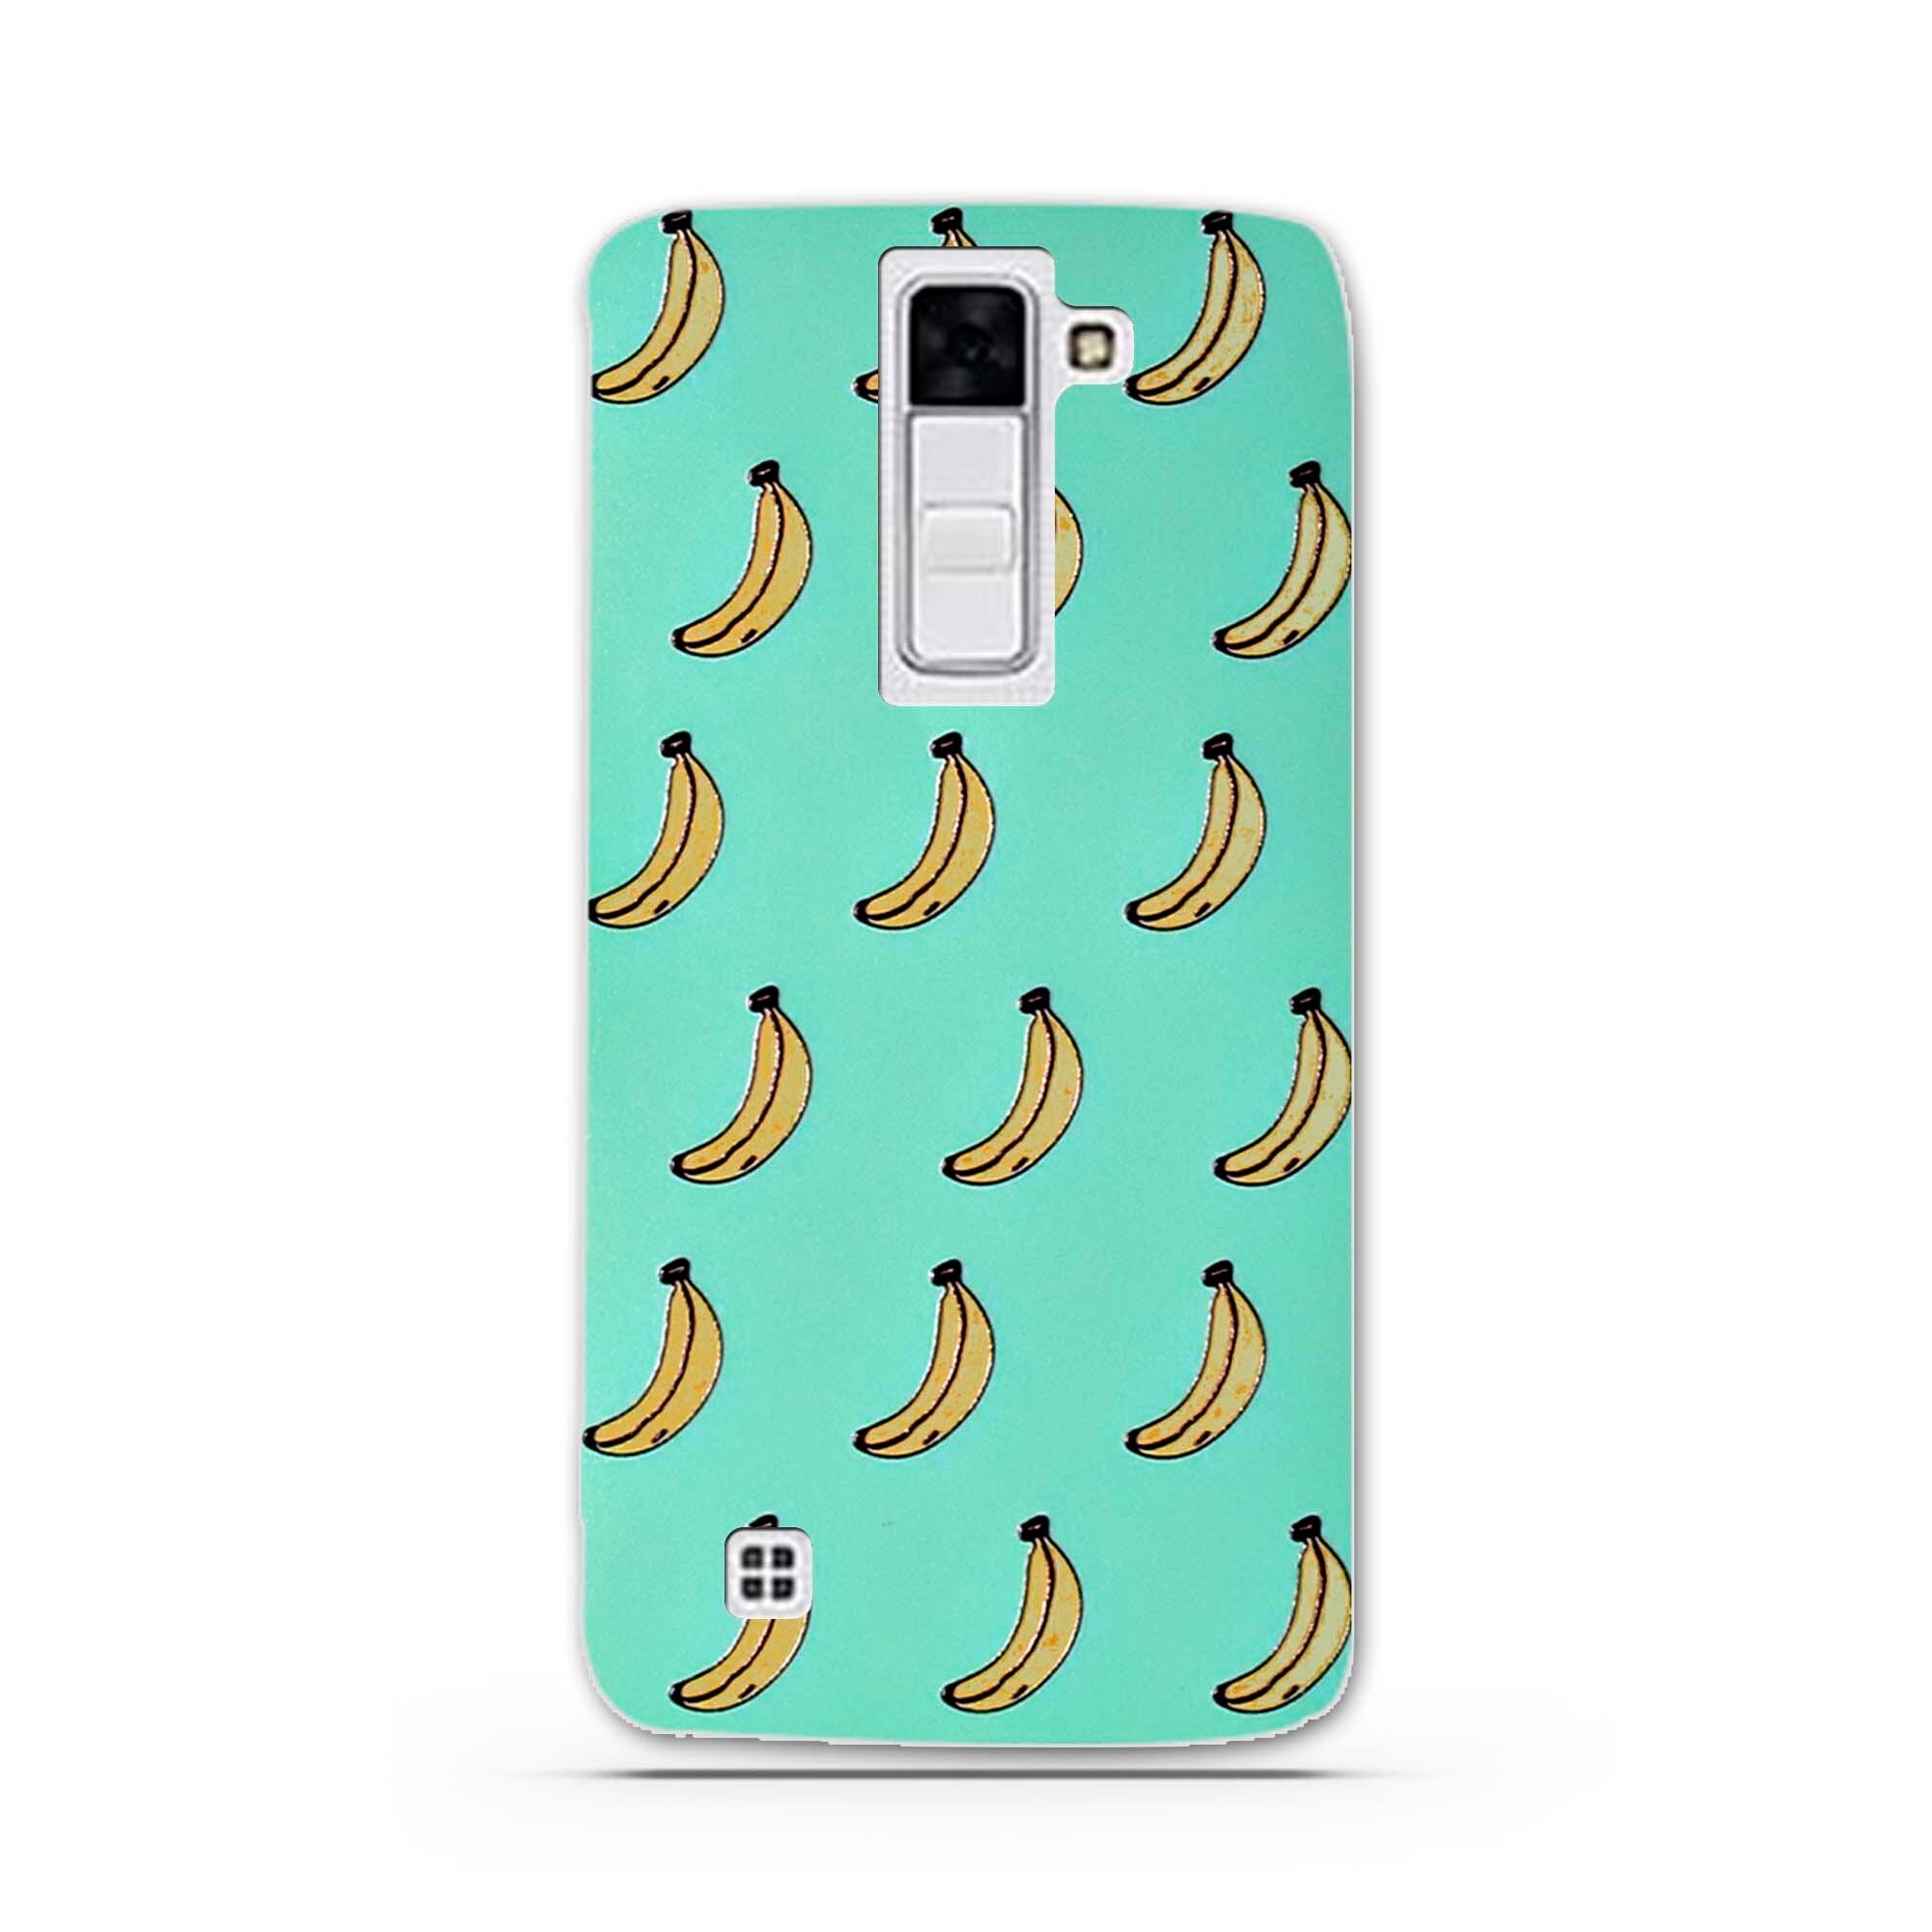 """Case Miękka TPU Luksusowe 3D Ulga Druk Pokrywy Skrzynka Dla LG K8 Lte K350 K350E K350N 5.0 """"K 8 Telefon Powrót Silicon Pokrywa Bag Sprawach 13"""